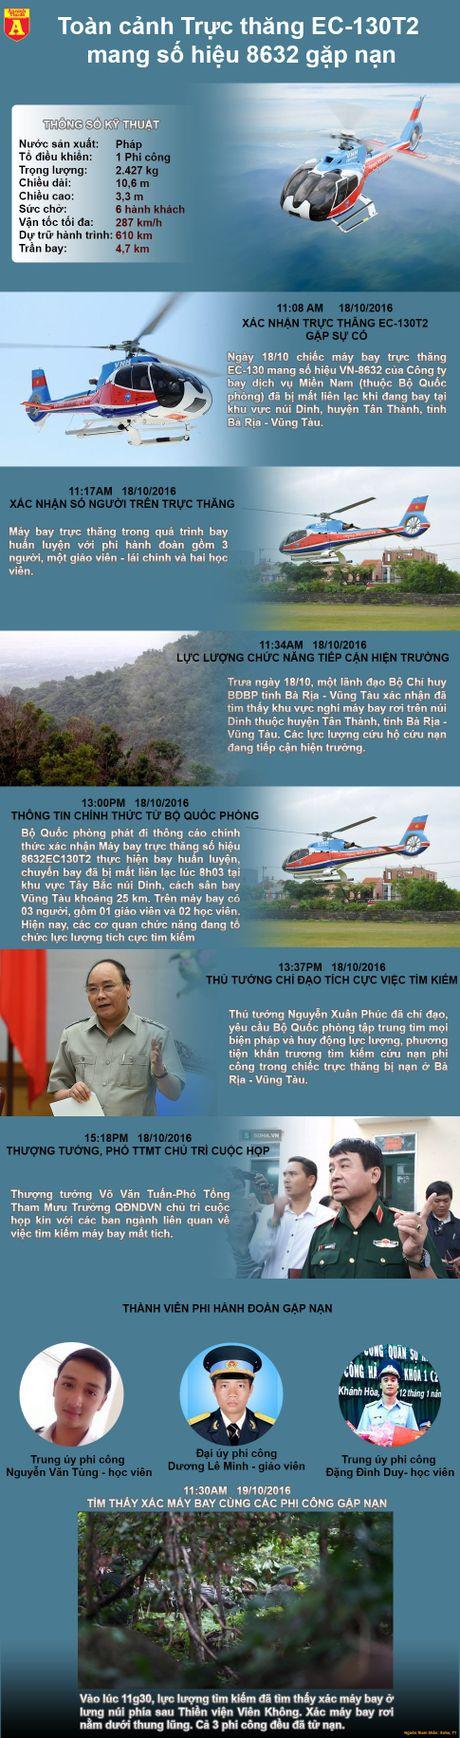 Toan canh vu tai nan may bay truc thang EC-130 - Anh 1